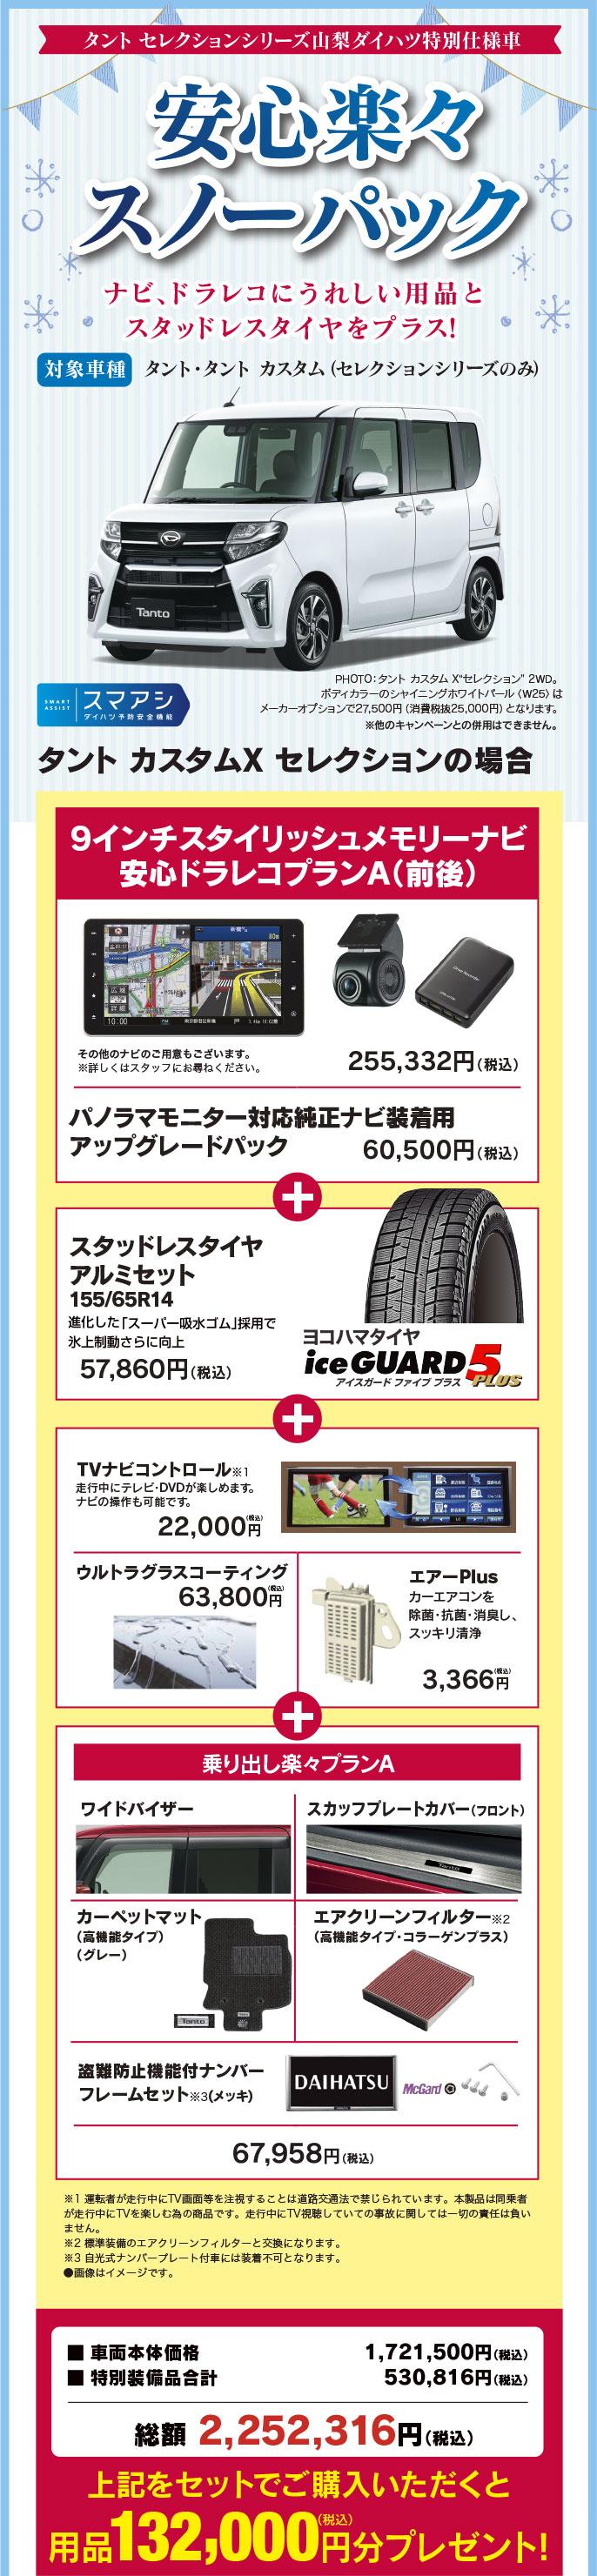 タント カスタムX セレクション安心楽々スノーパック!